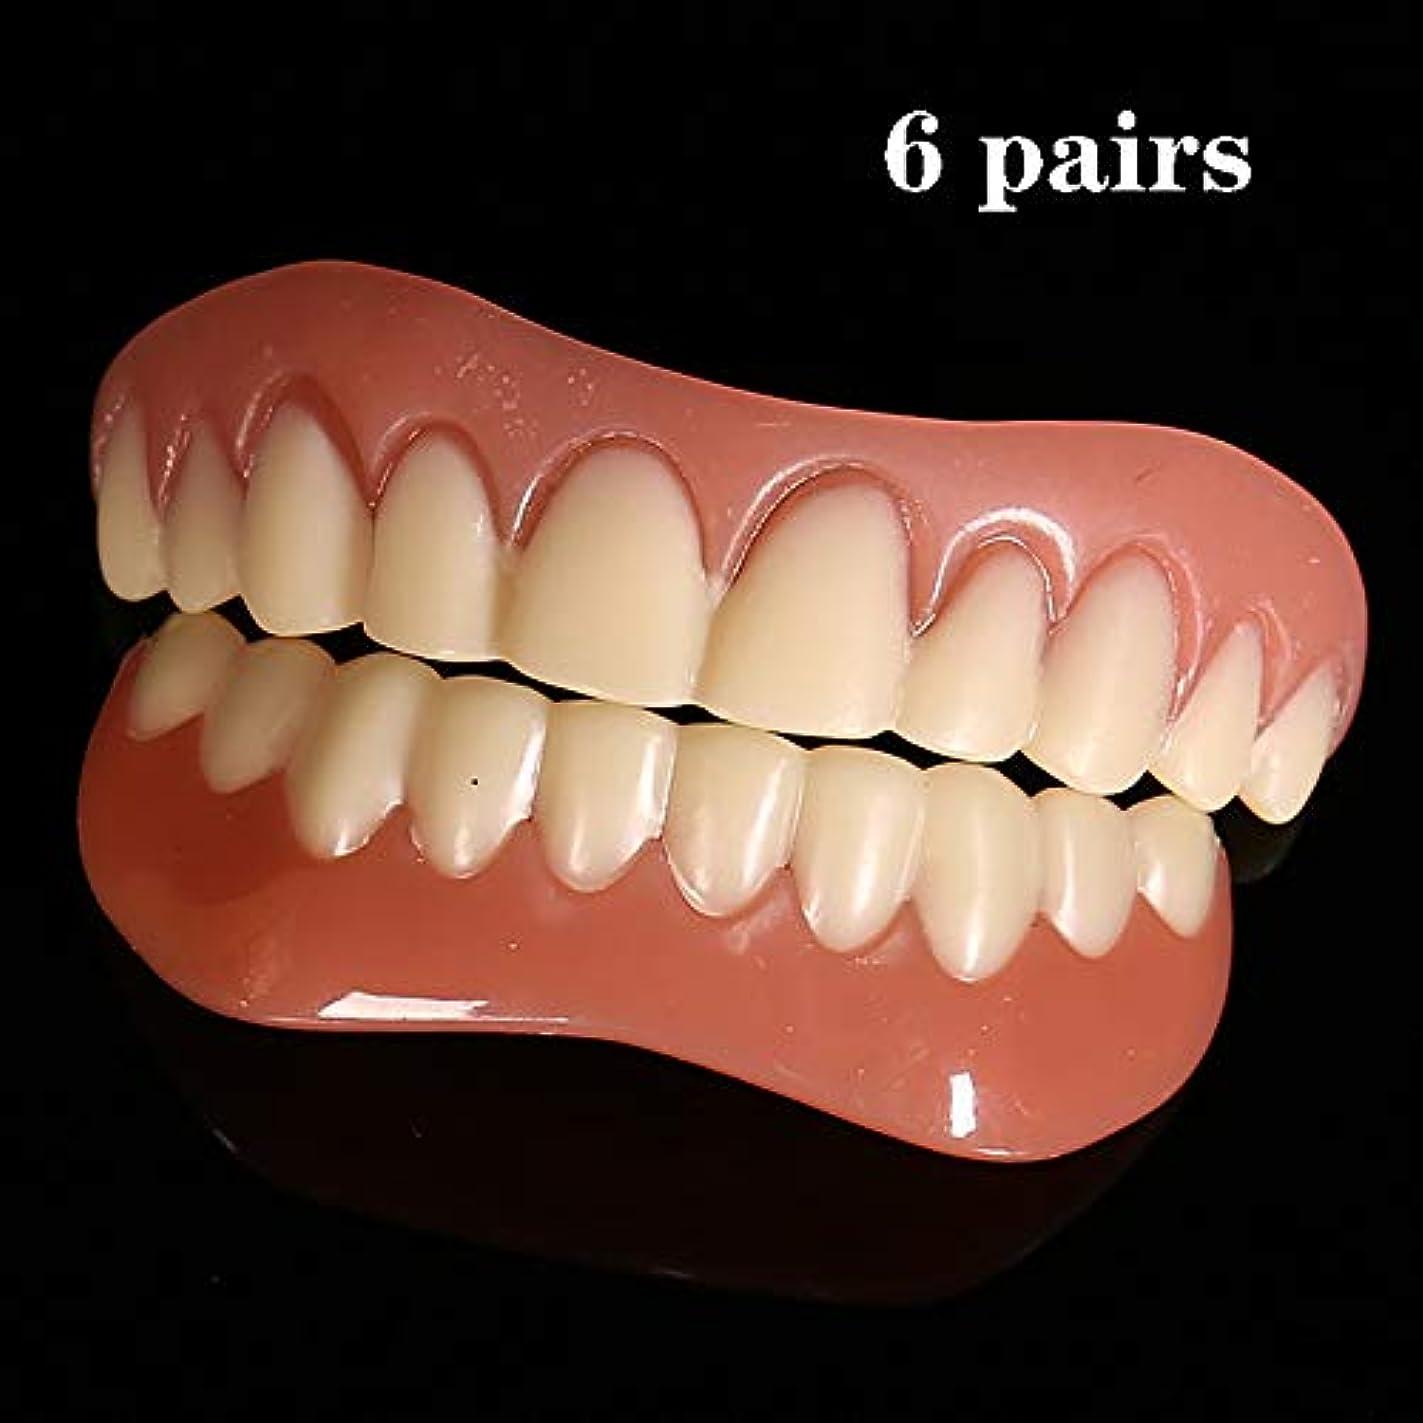 通路突き出す泣く歯突き板化粧品歯スナップオンセキュア6ペア上下の快適さフィット歯突き板安全インスタントスマイル化粧品ワンサイズ